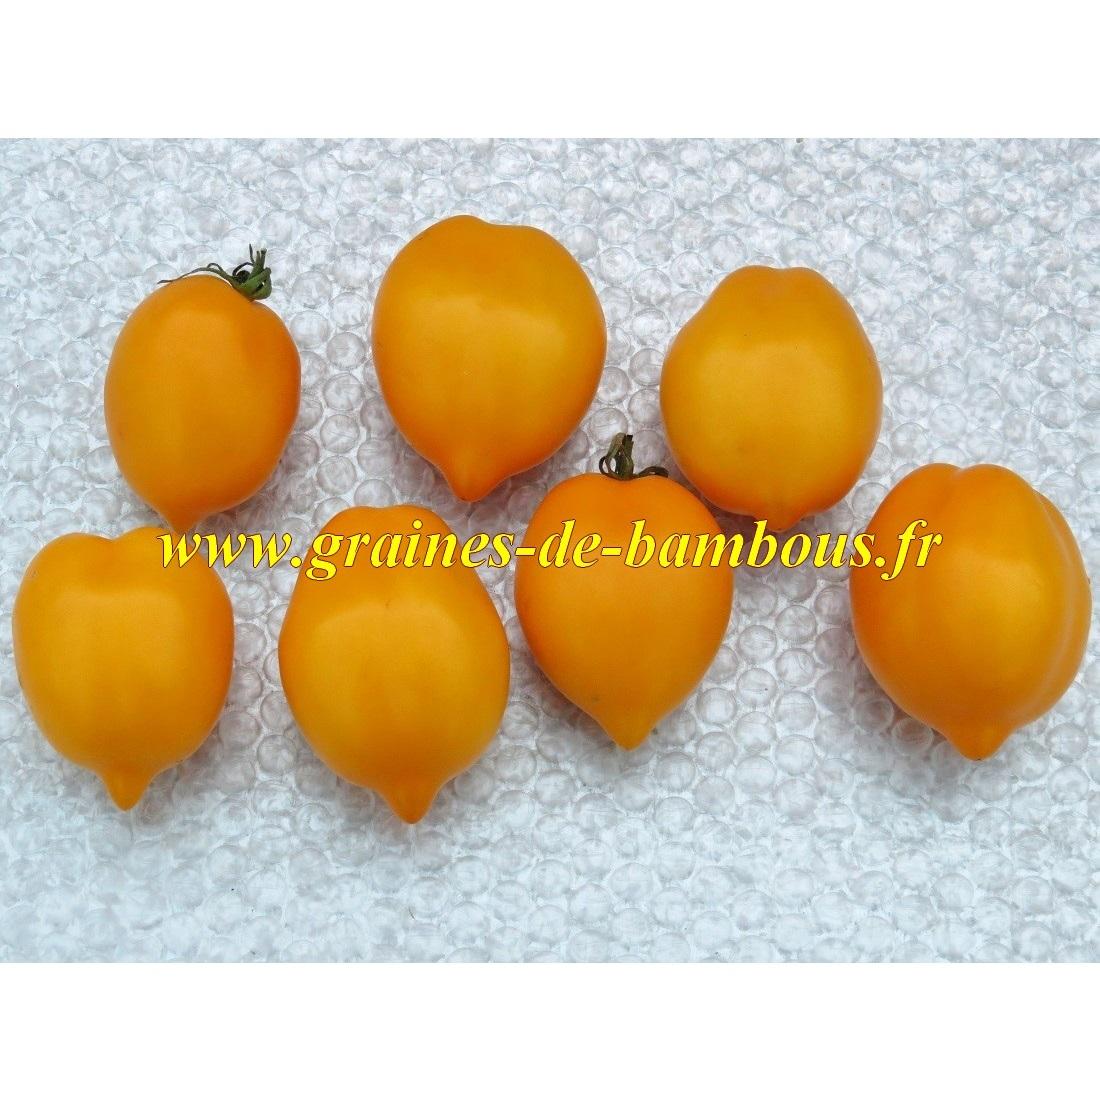 Tomate citron graines de bambous eu